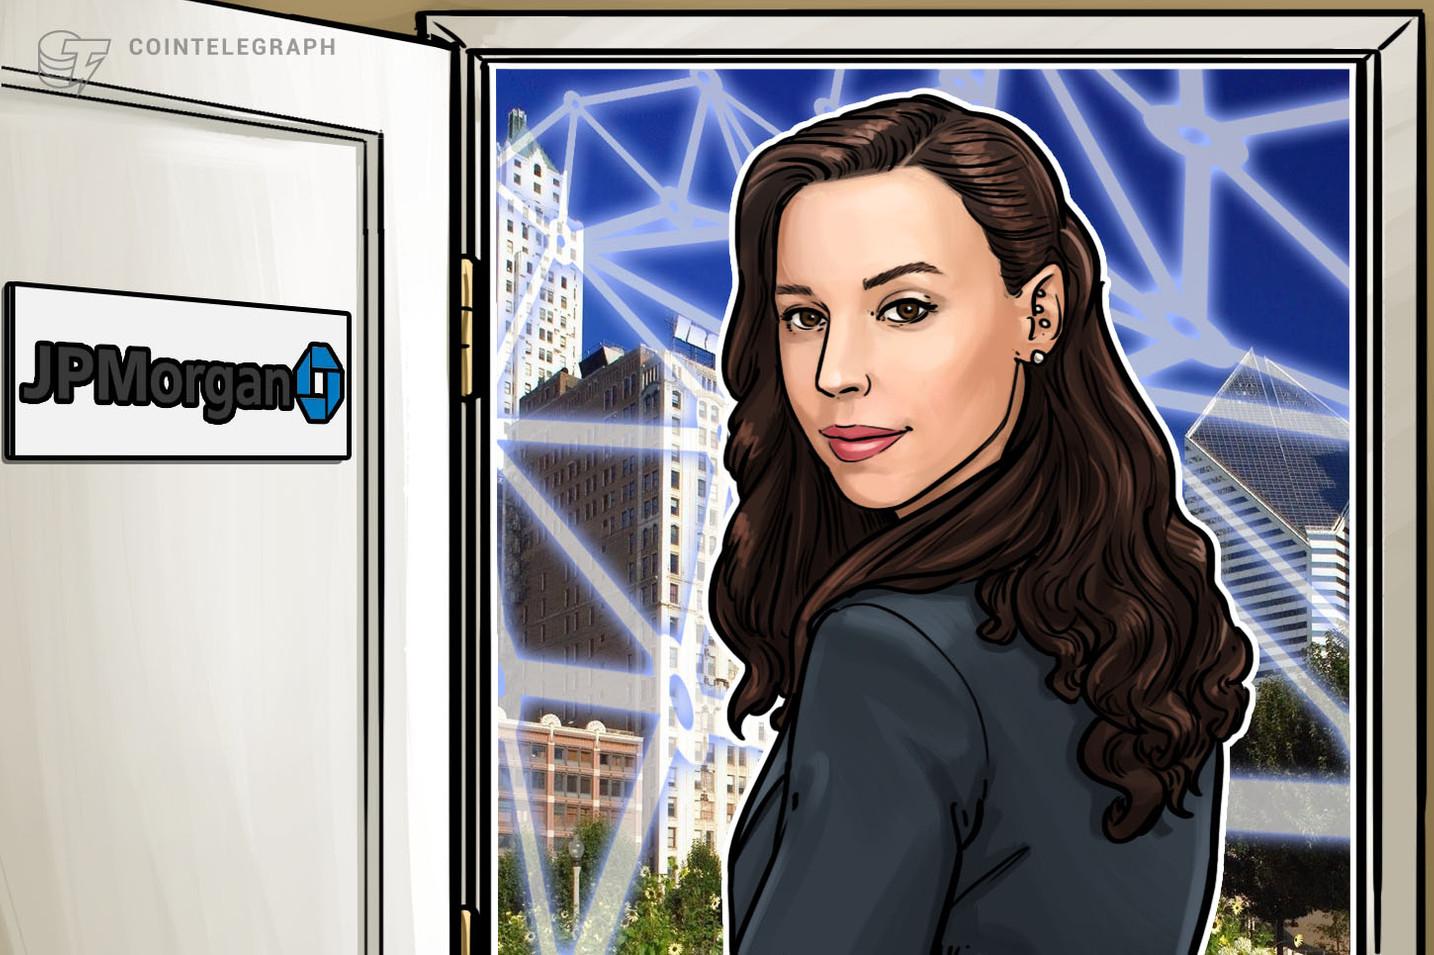 Exlíder del brazo Blockchain de JPMorgan, Amber Baldet, se embarcará en una nueva empresa